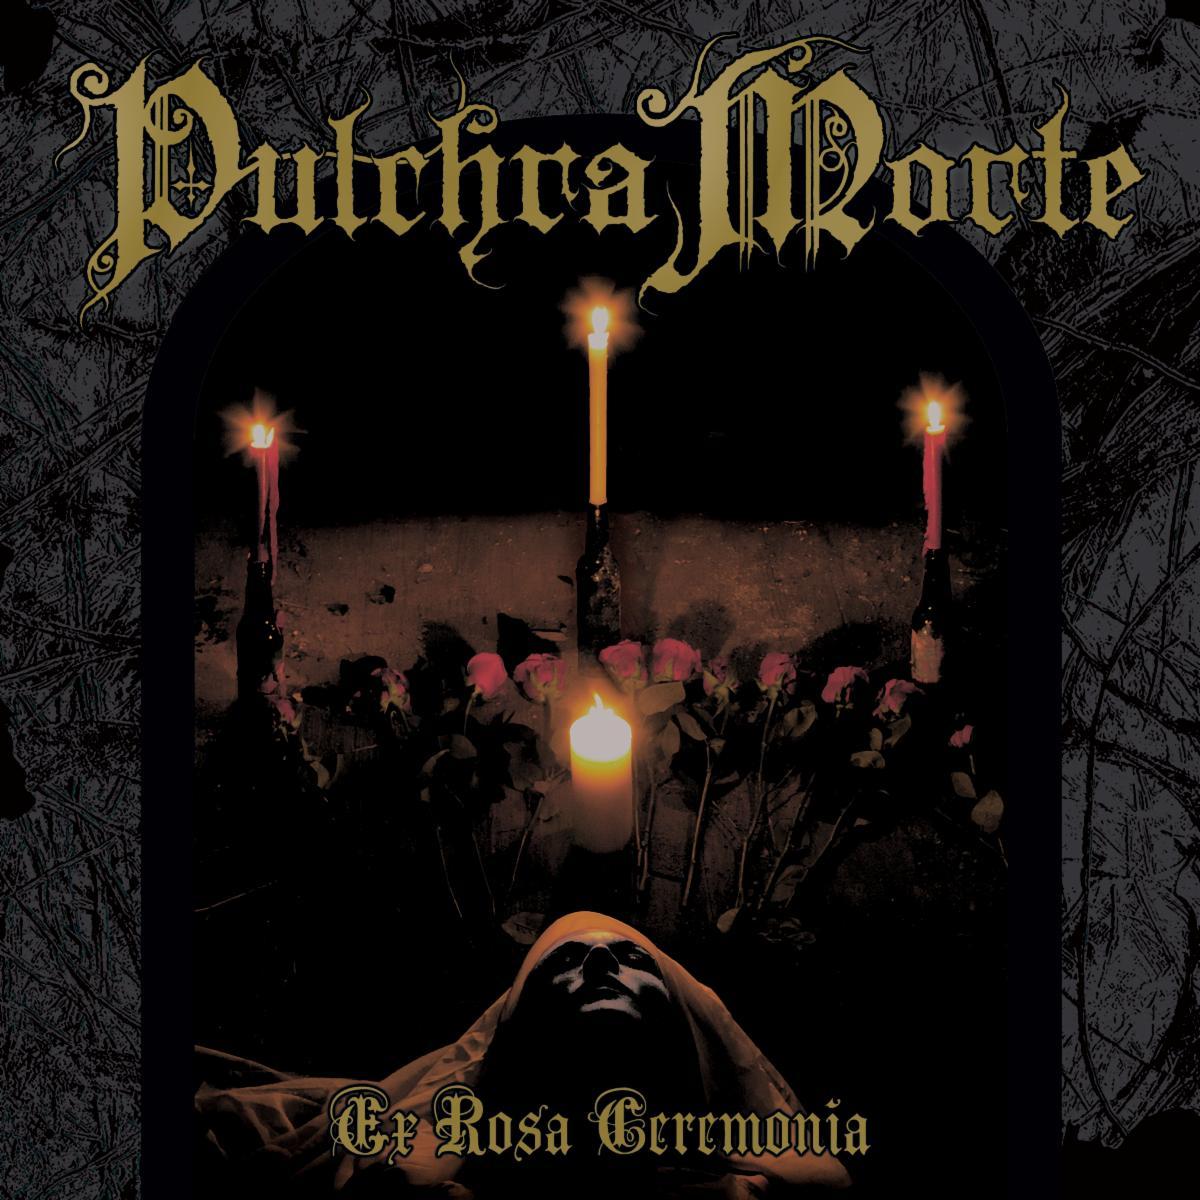 PULCHRA MORTE Full-Length Ex Rosa Ceremonia